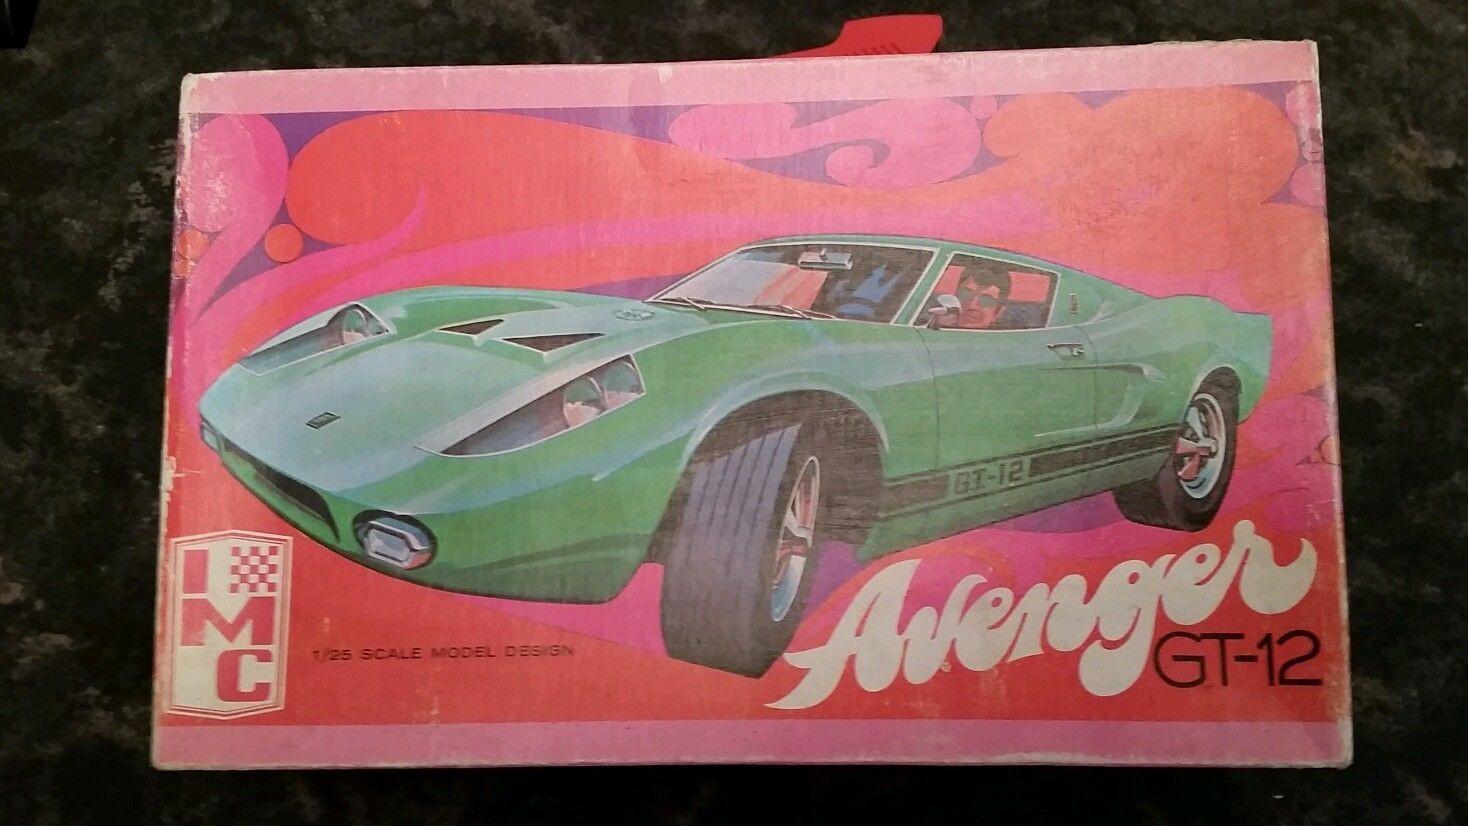 imc-avenger-gt-12-25-scale-model-vw_1_4f989dec6f5b31c75f05a84d8b8c655c.jpg